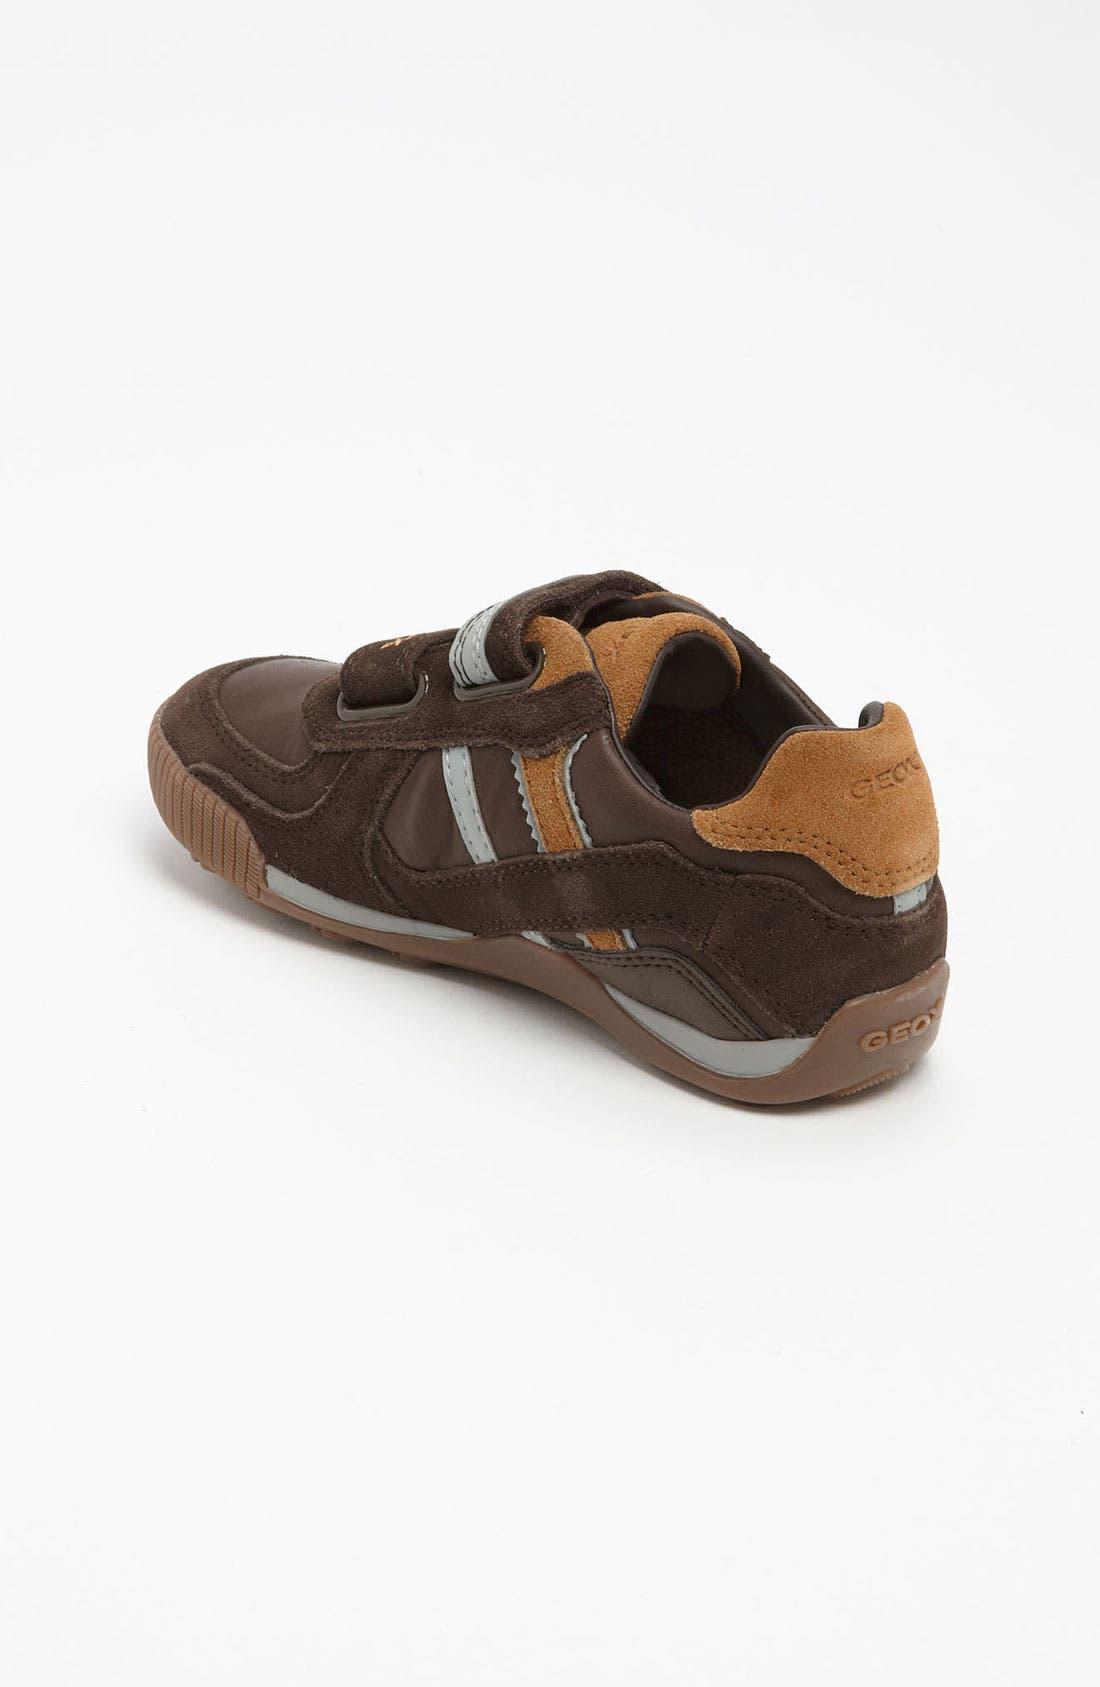 Alternate Image 2  - Geox 'Olimpus' Sneaker (Toddler, Little Kid & Big Kid)